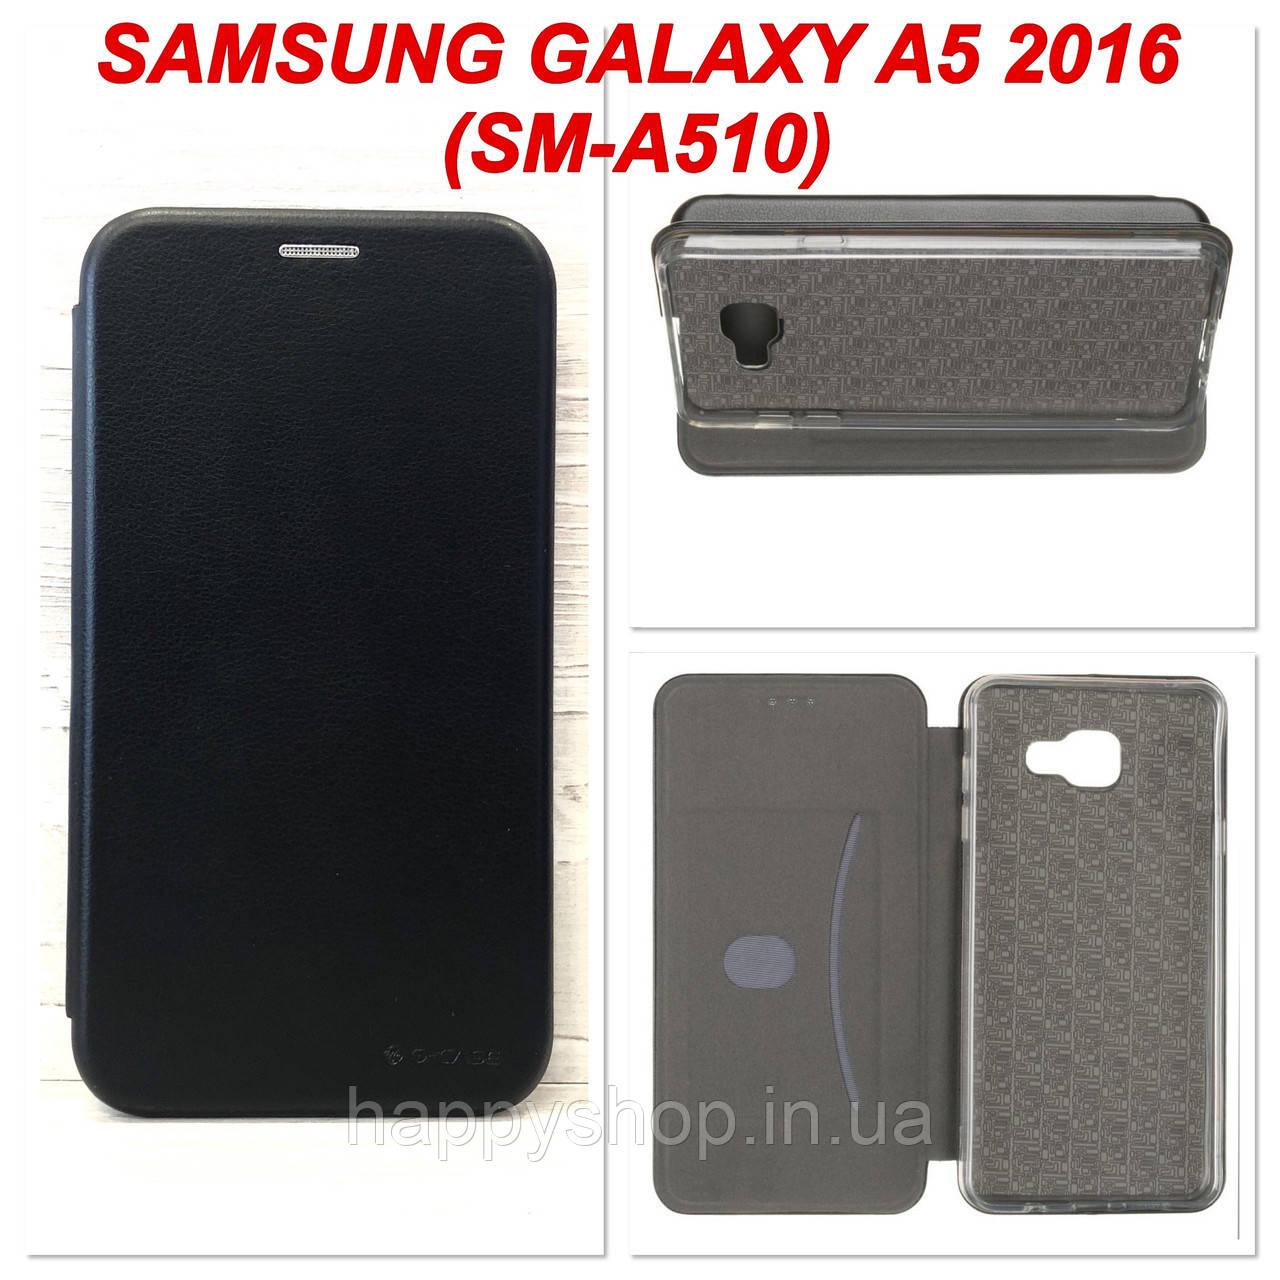 Чехол-книжка G-Case для Samsung Galaxy A5 2016 (SM-A510) Черный